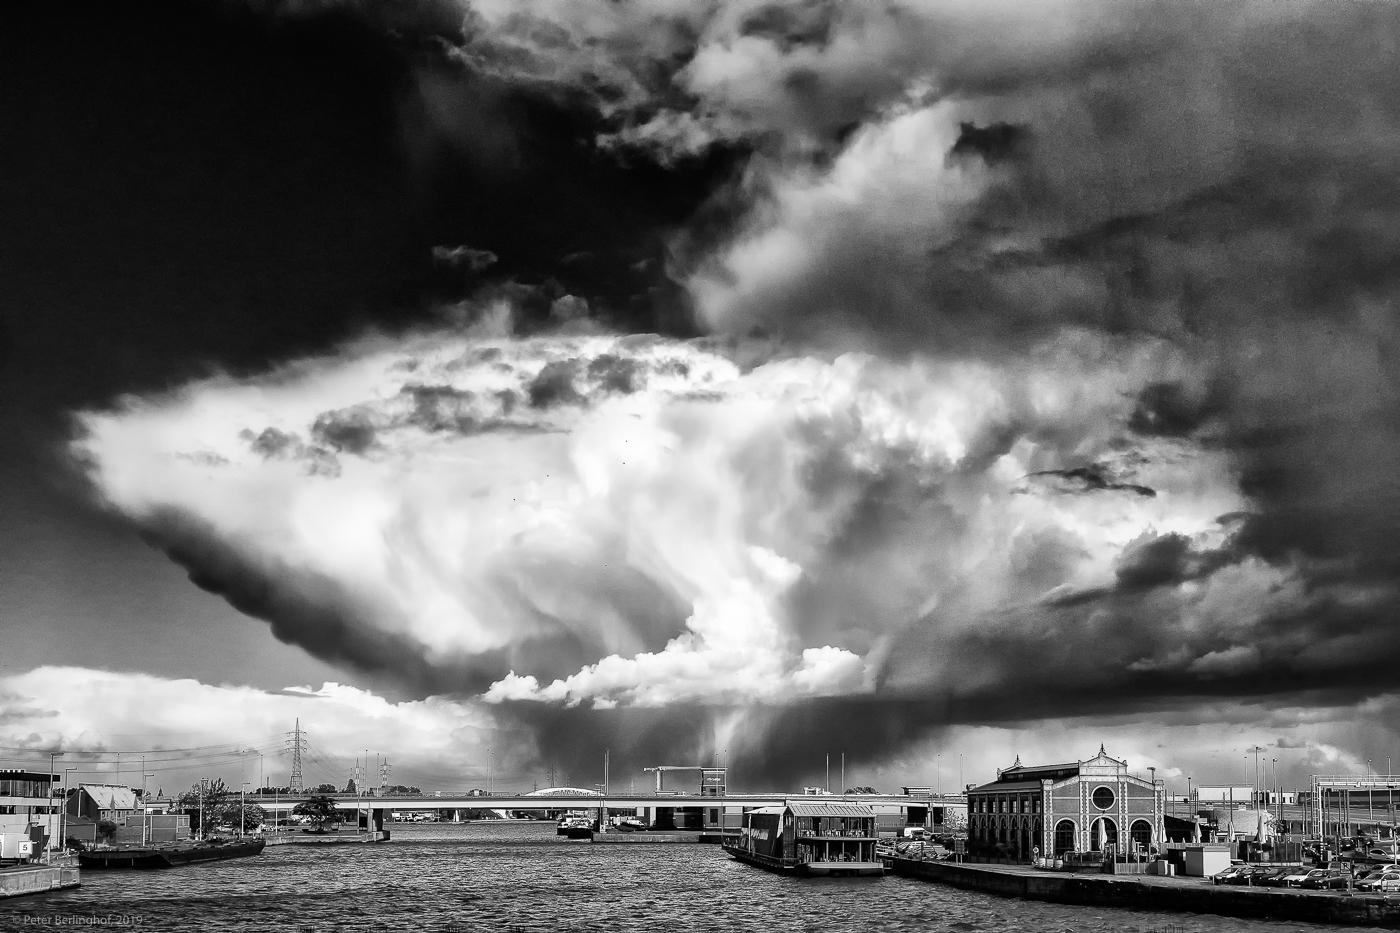 Sieger Sonderthema Wetter: Gewitterwolke | © Peter Berlinghof, Niederkassel